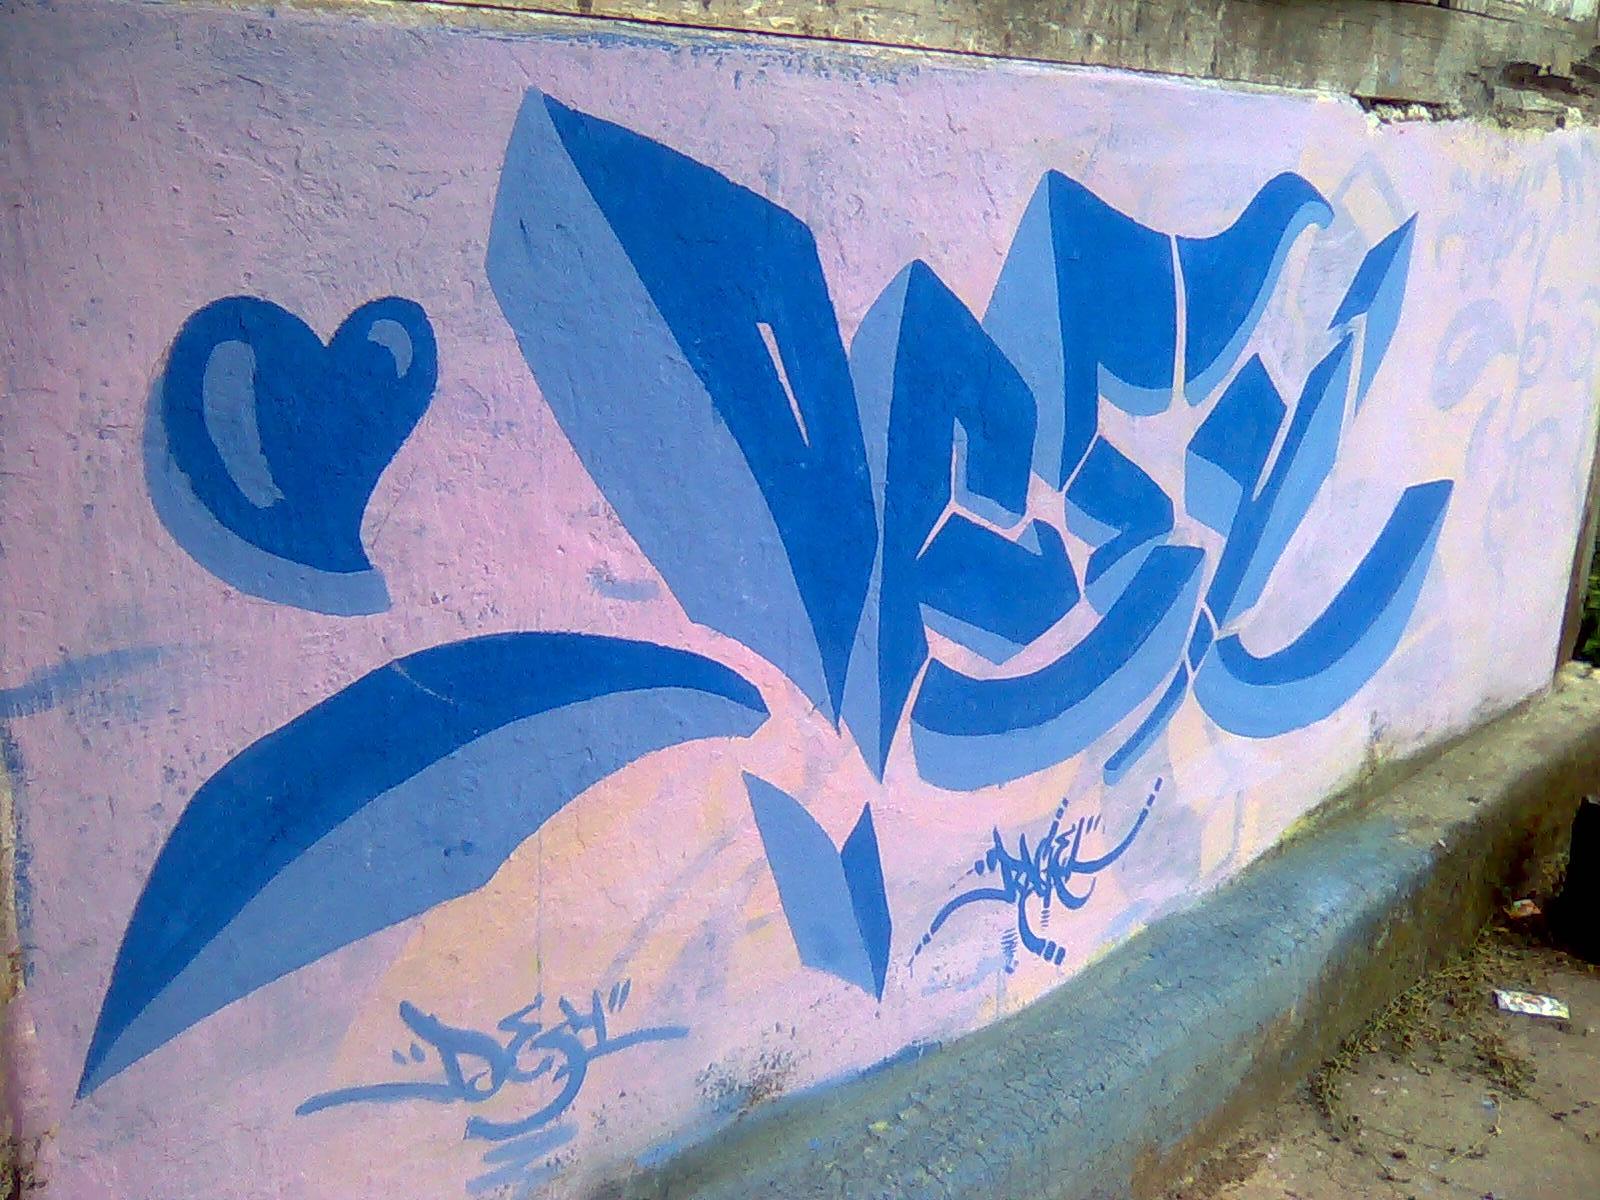 Andes graffiti membuat grafiti 3d sederhana